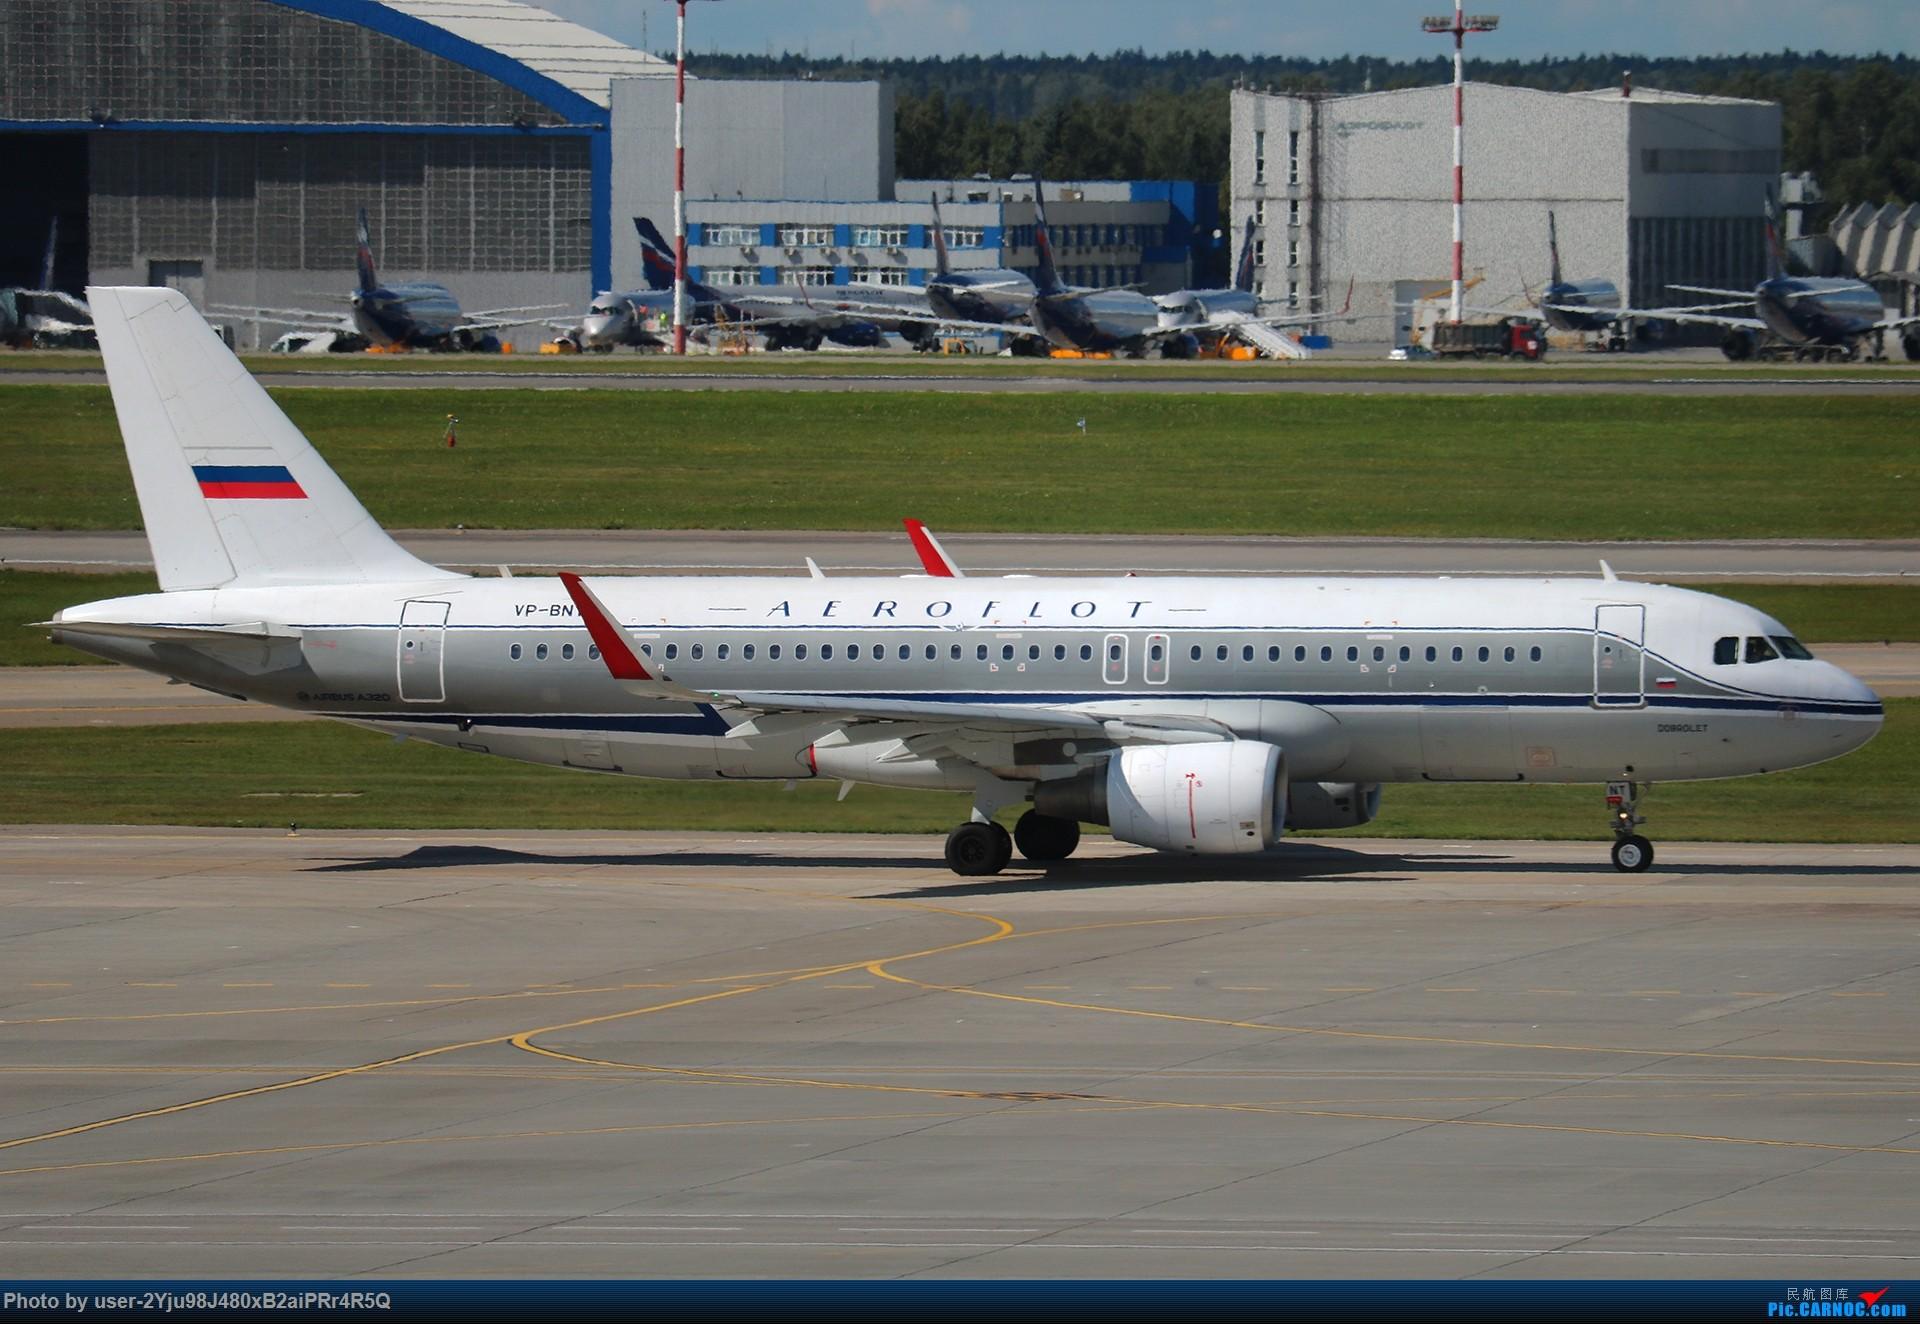 [原创]LIULIU|Sheremetyevo的漫游|其他篇 AIRBUS A320-214(SL) VP-BNT 俄罗斯谢诺梅杰沃机场